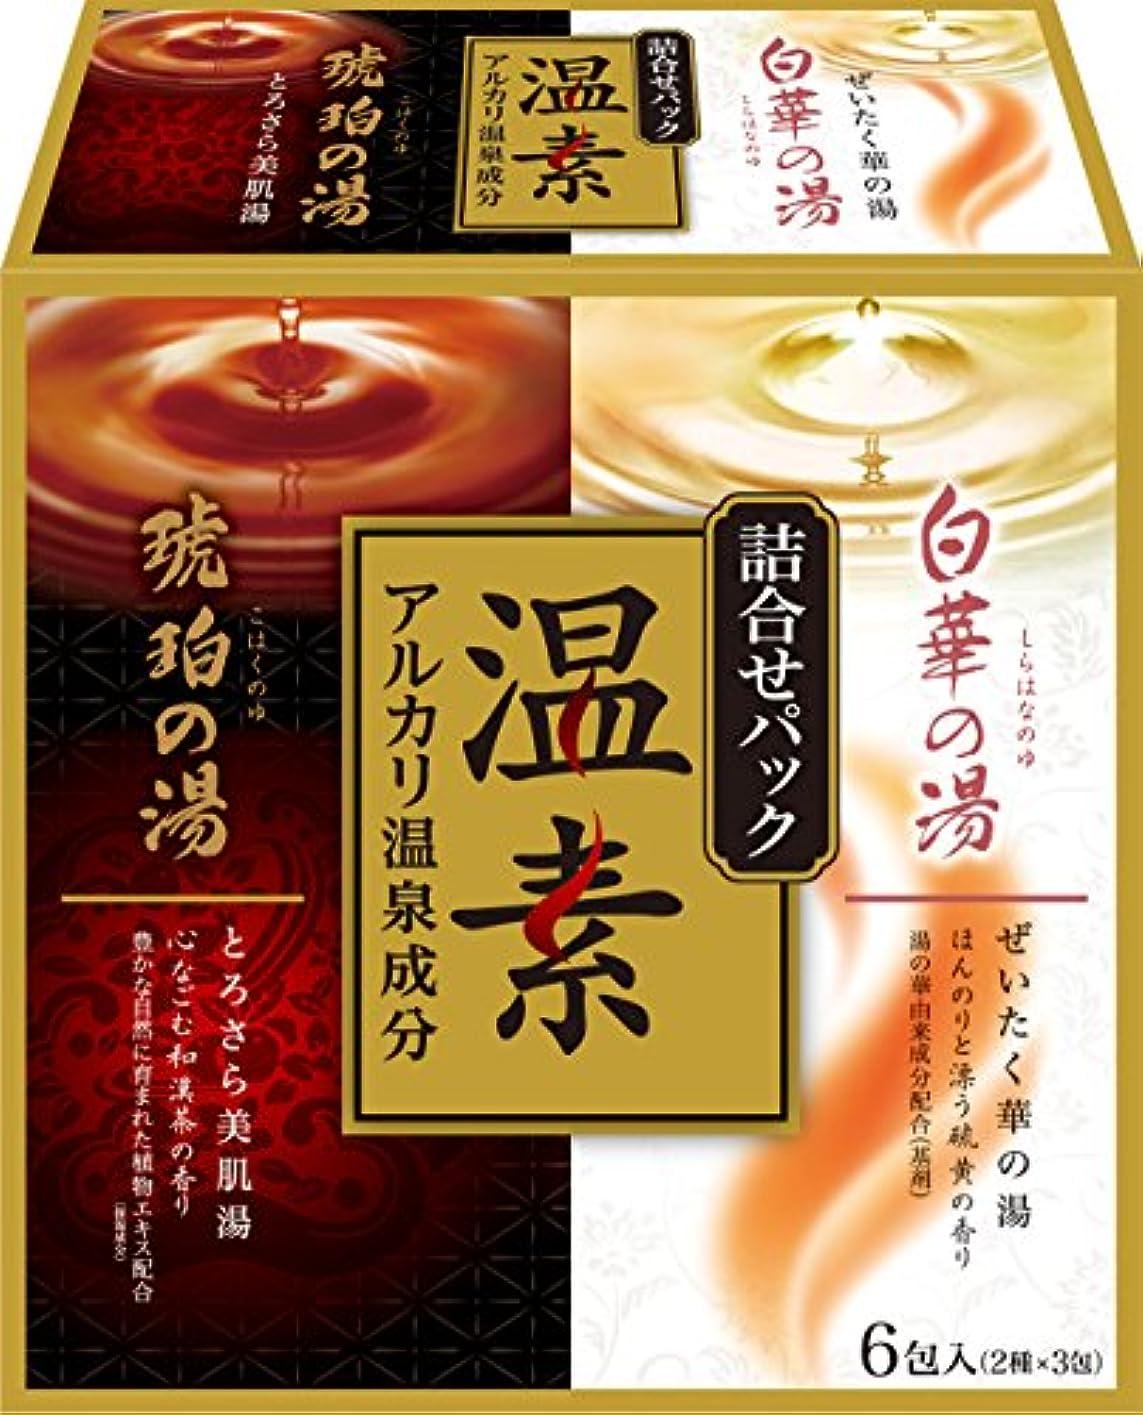 グリット境界アイドルアース製薬 温素 琥珀の湯&白華の湯 詰合せパック 6包(各3包)